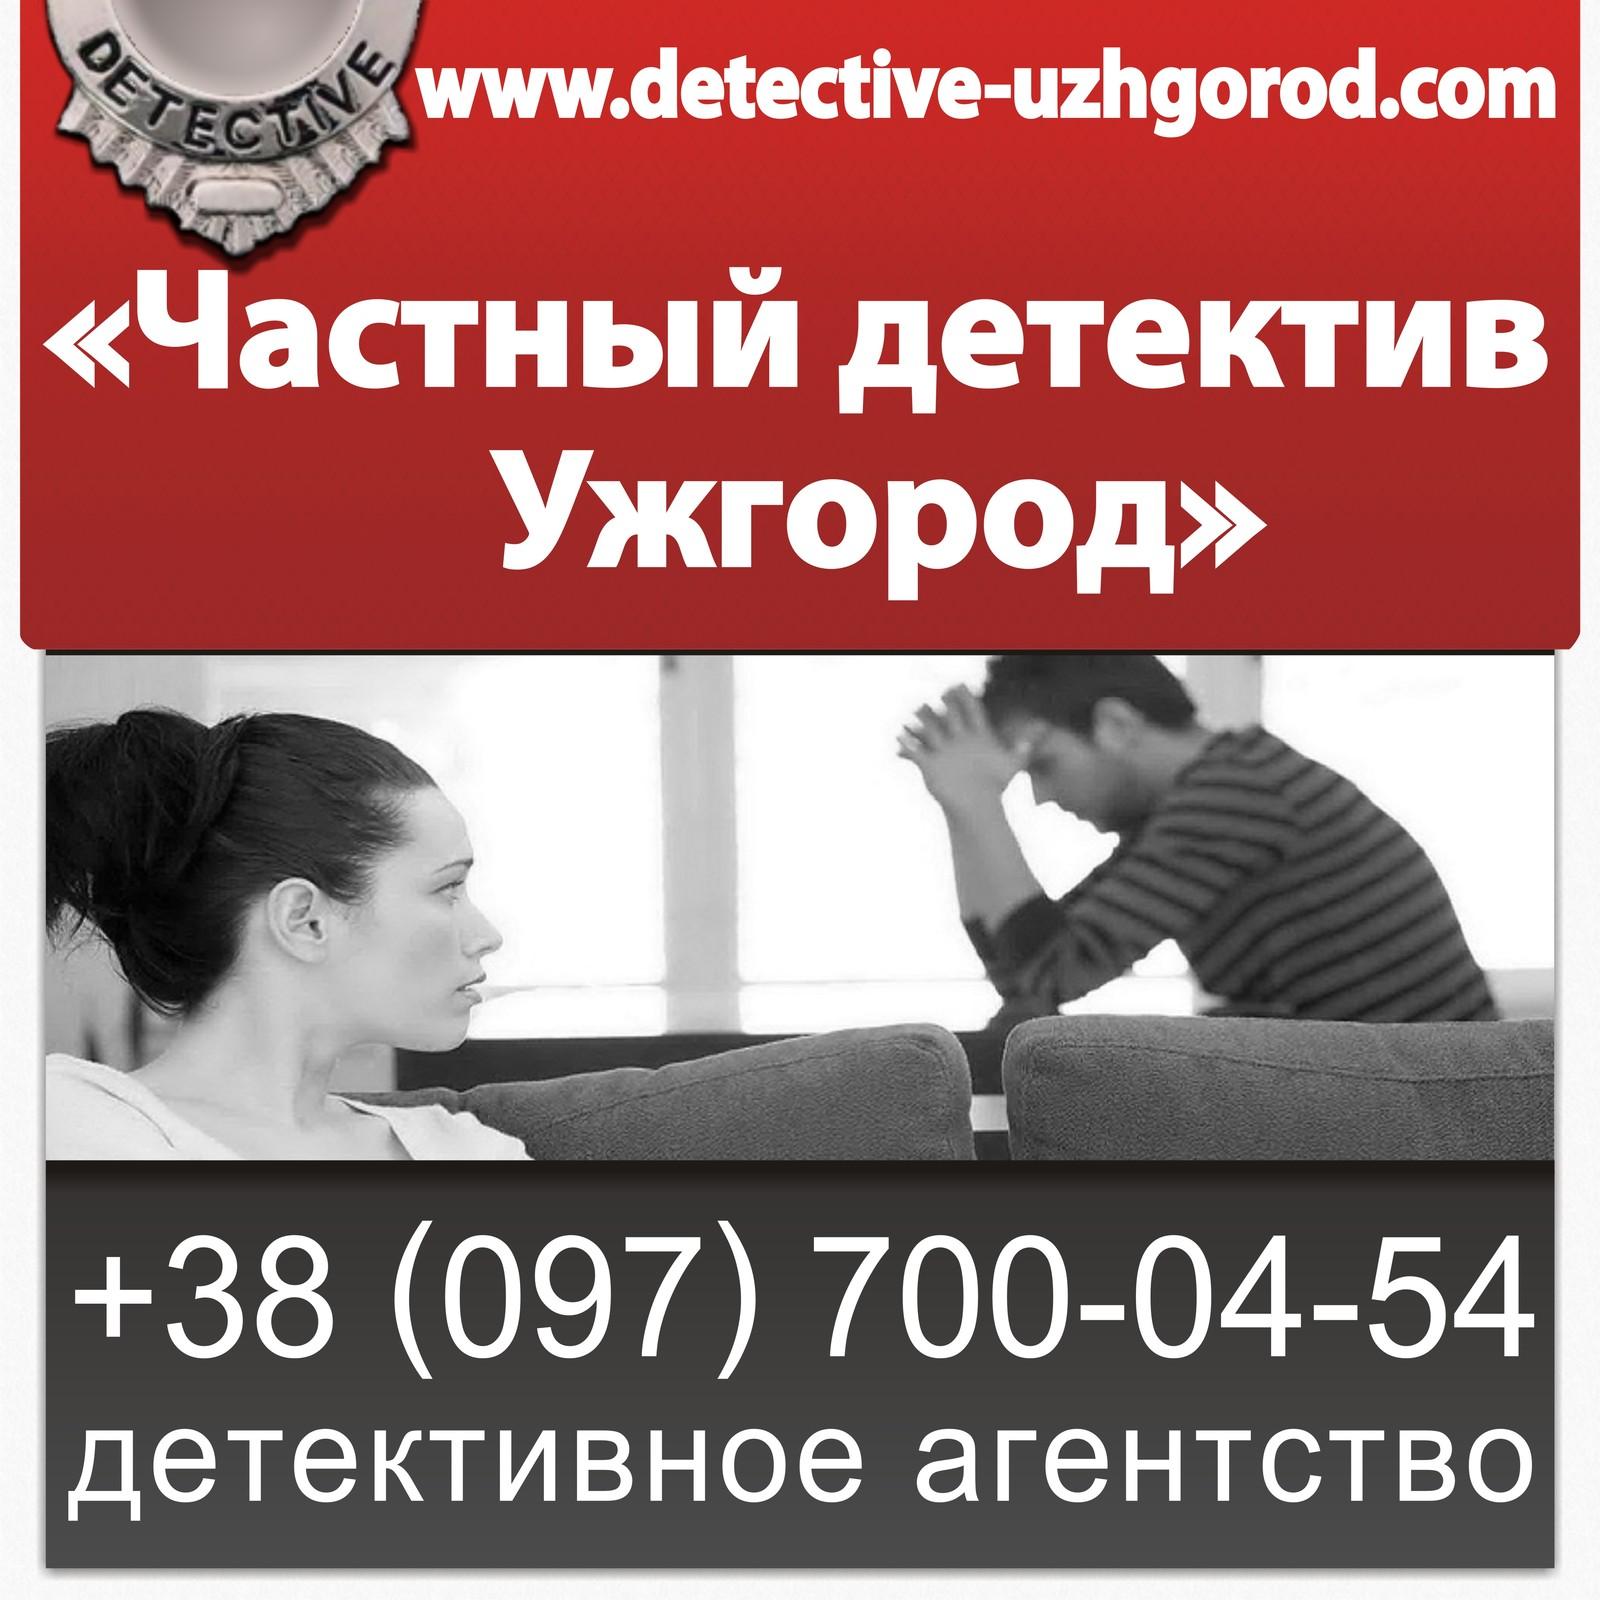 Приватний детектив Ужгород